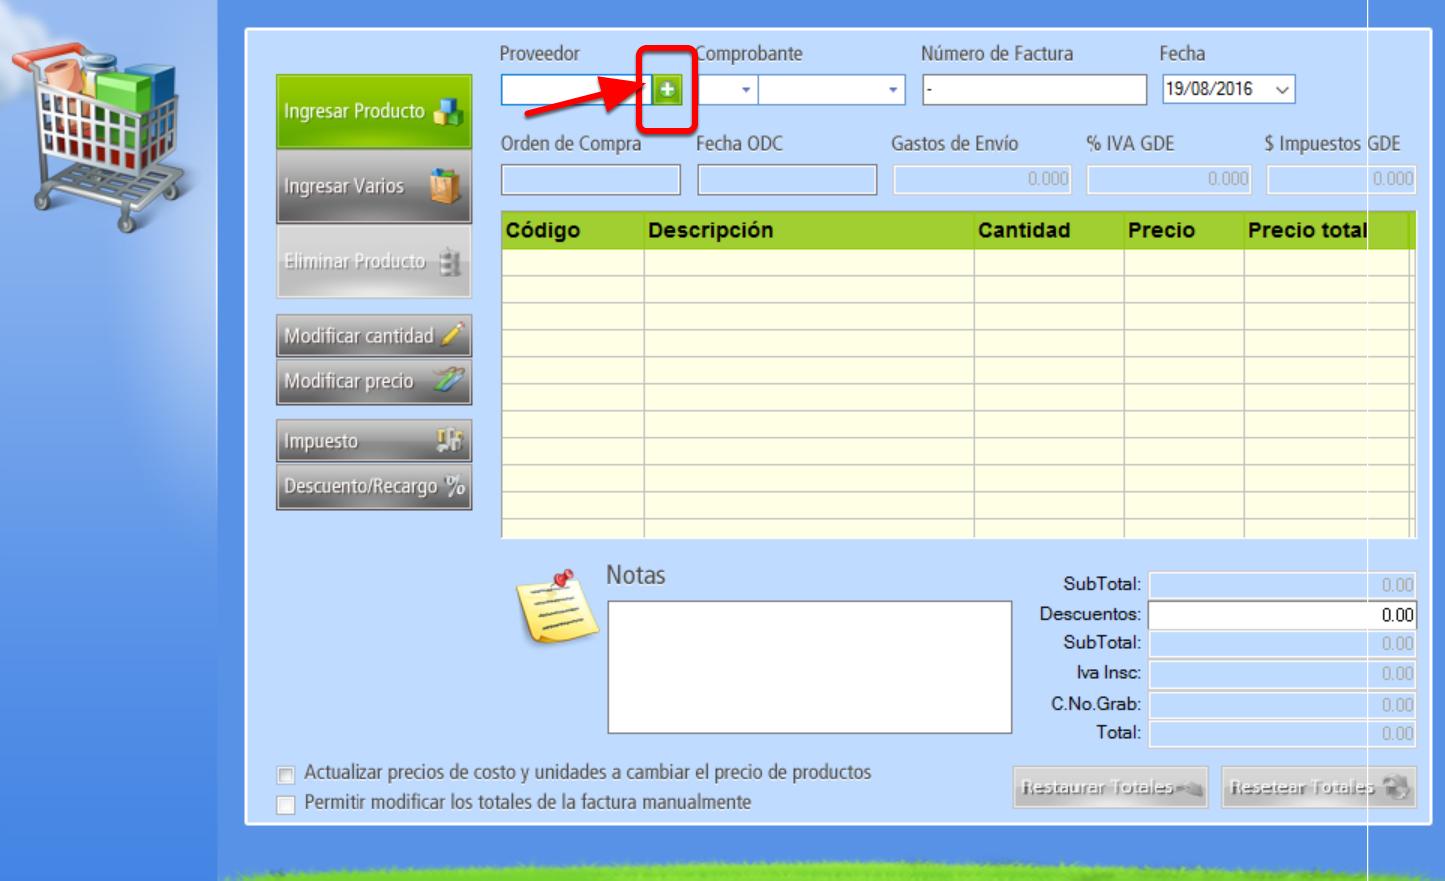 El sistema de gestión empresarial permite seleccionar el proveedor por medio del botón (+):